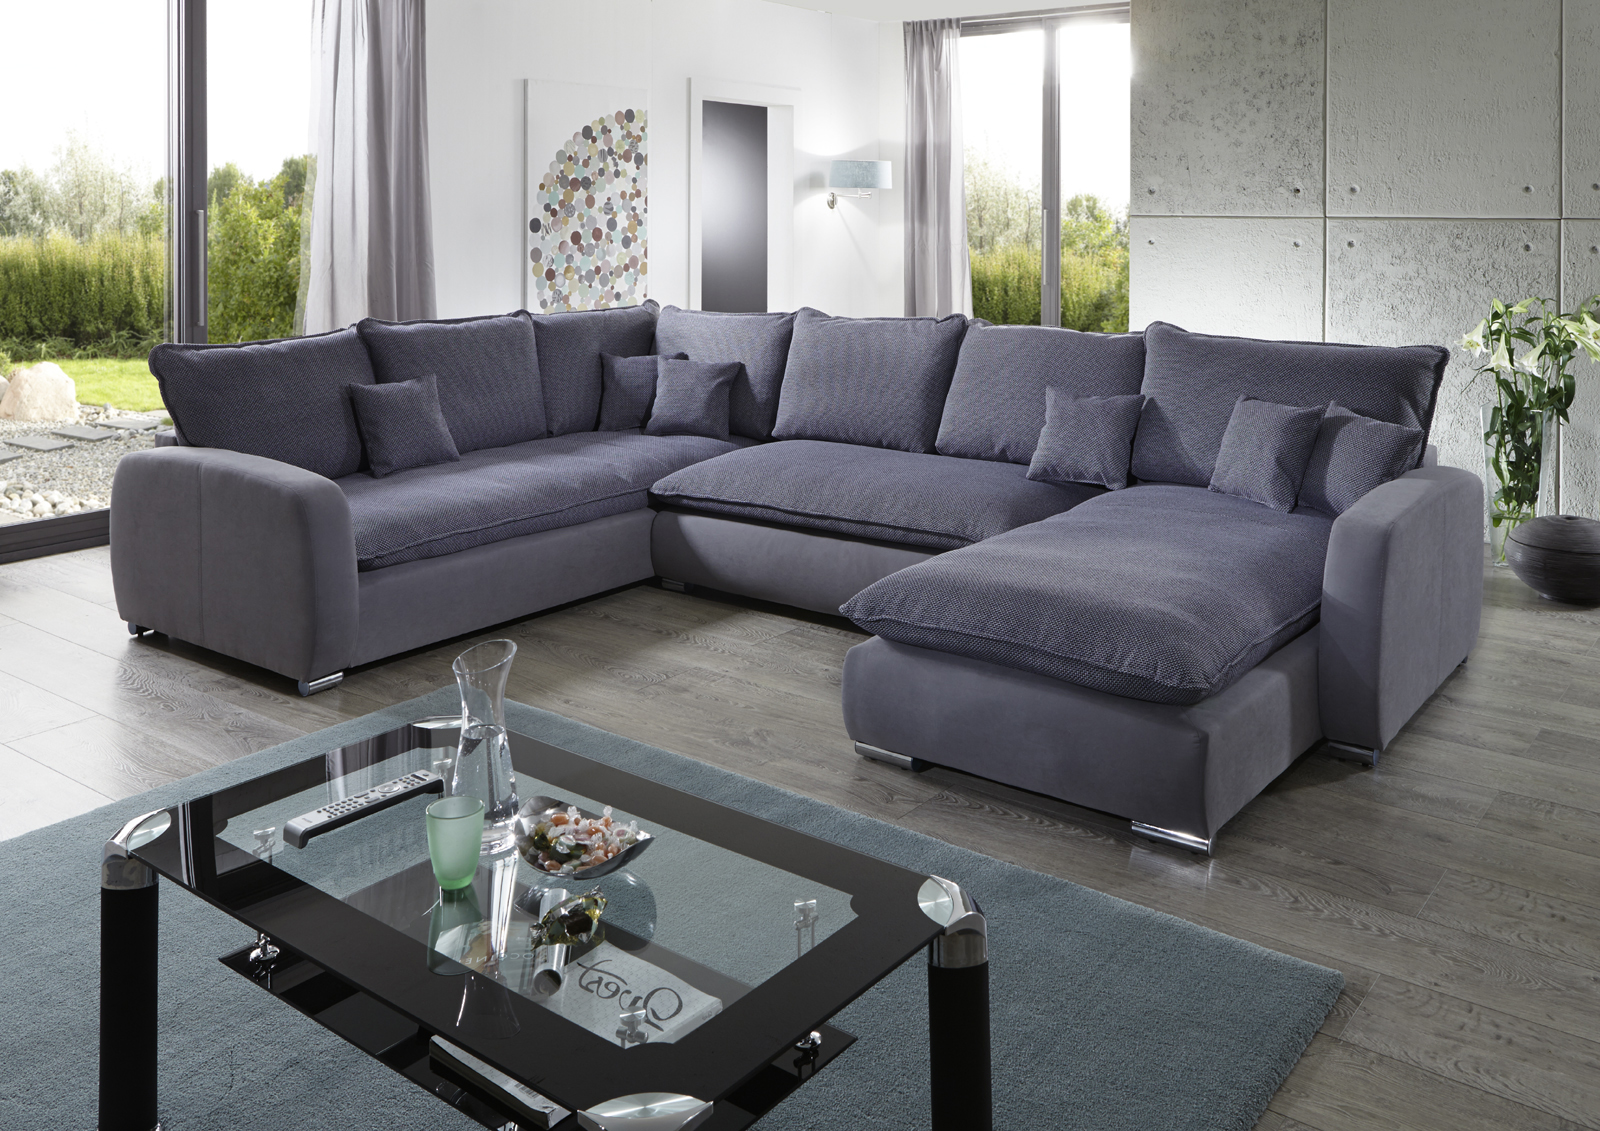 Sam sofa grau wohnlandschaft scala 230 cm x 350 x 180 cm for Wohnlandschaft finanzieren